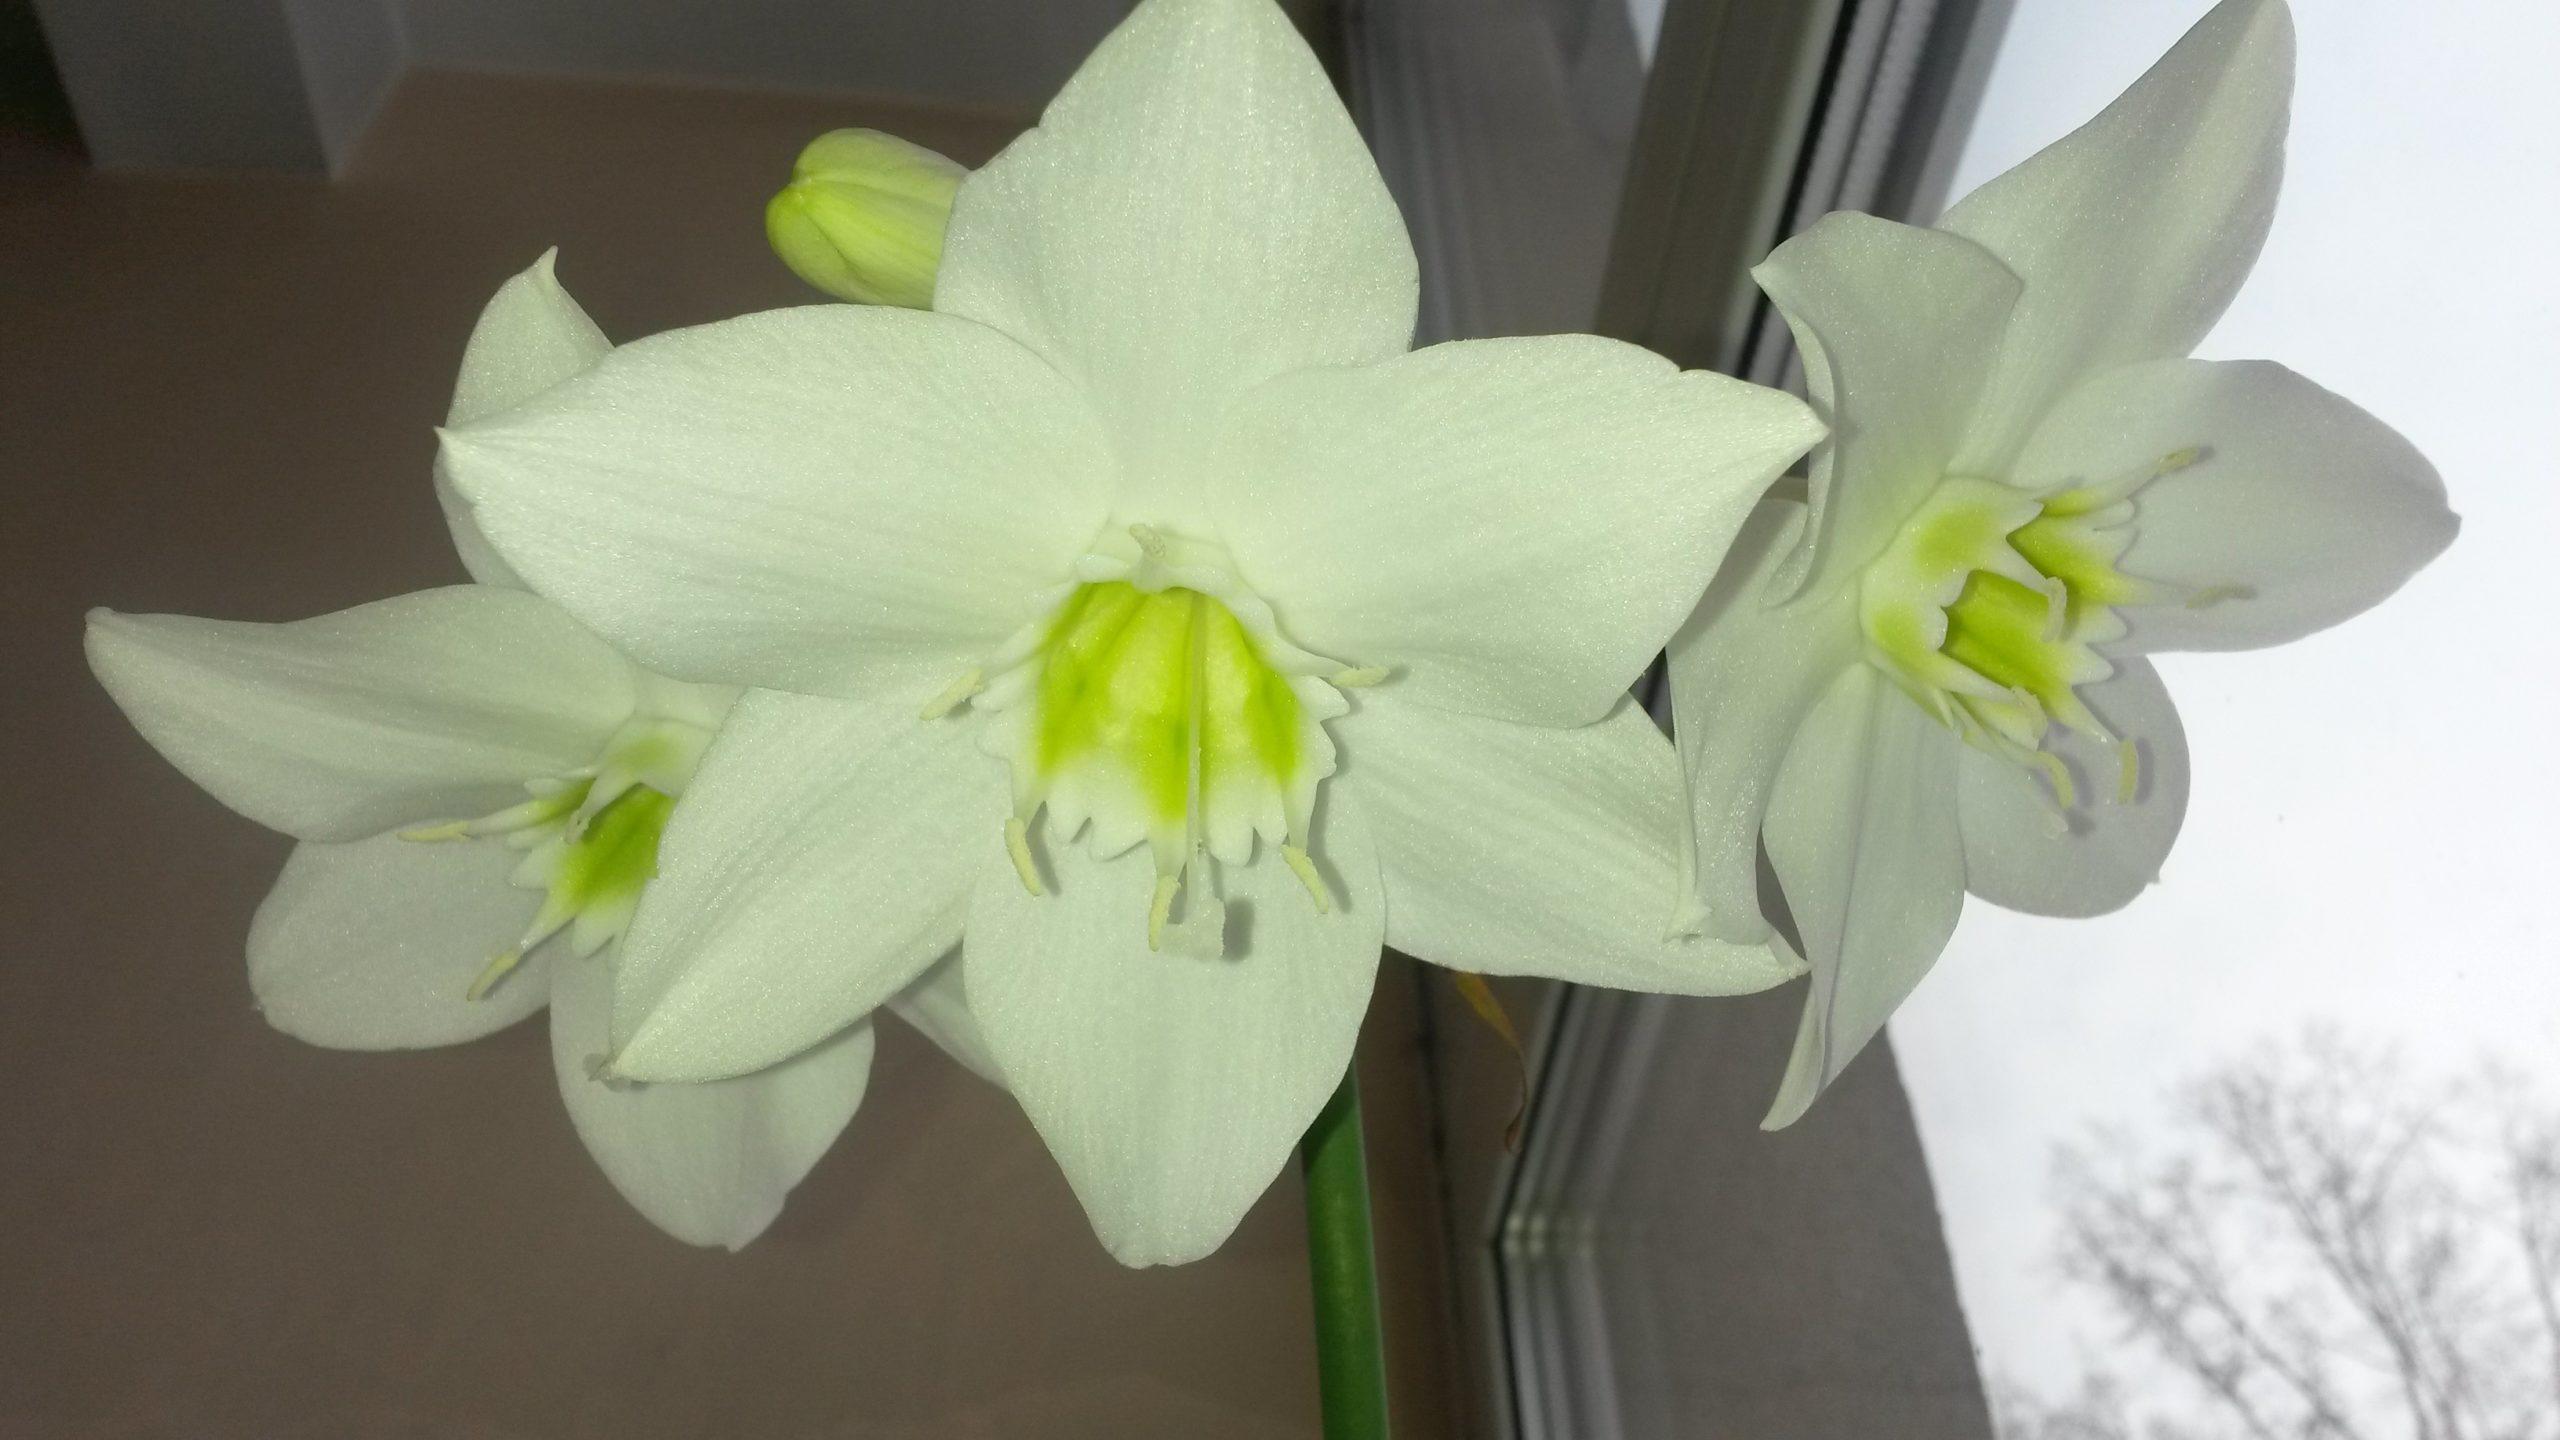 euharis-foto-video-vidy-i-sorta-amazonskoj-lilii-razmnozhenie-i-uhod-3